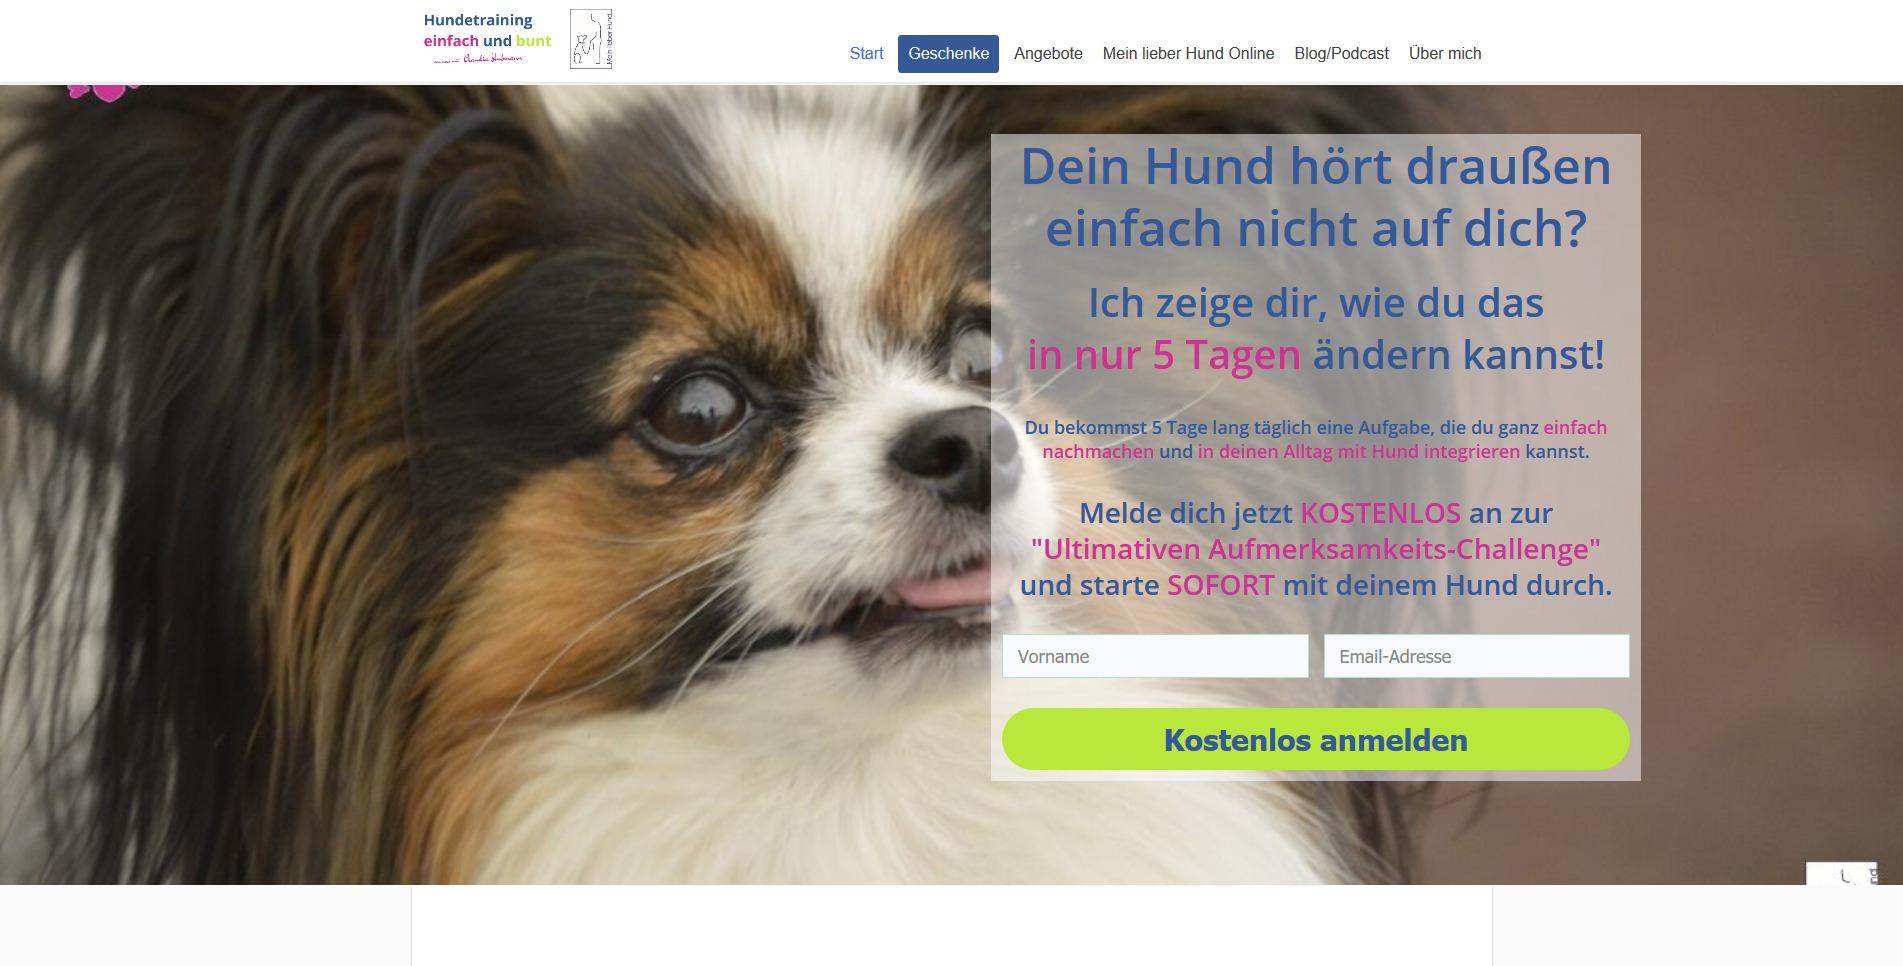 Hundepension Mein lieber Hund